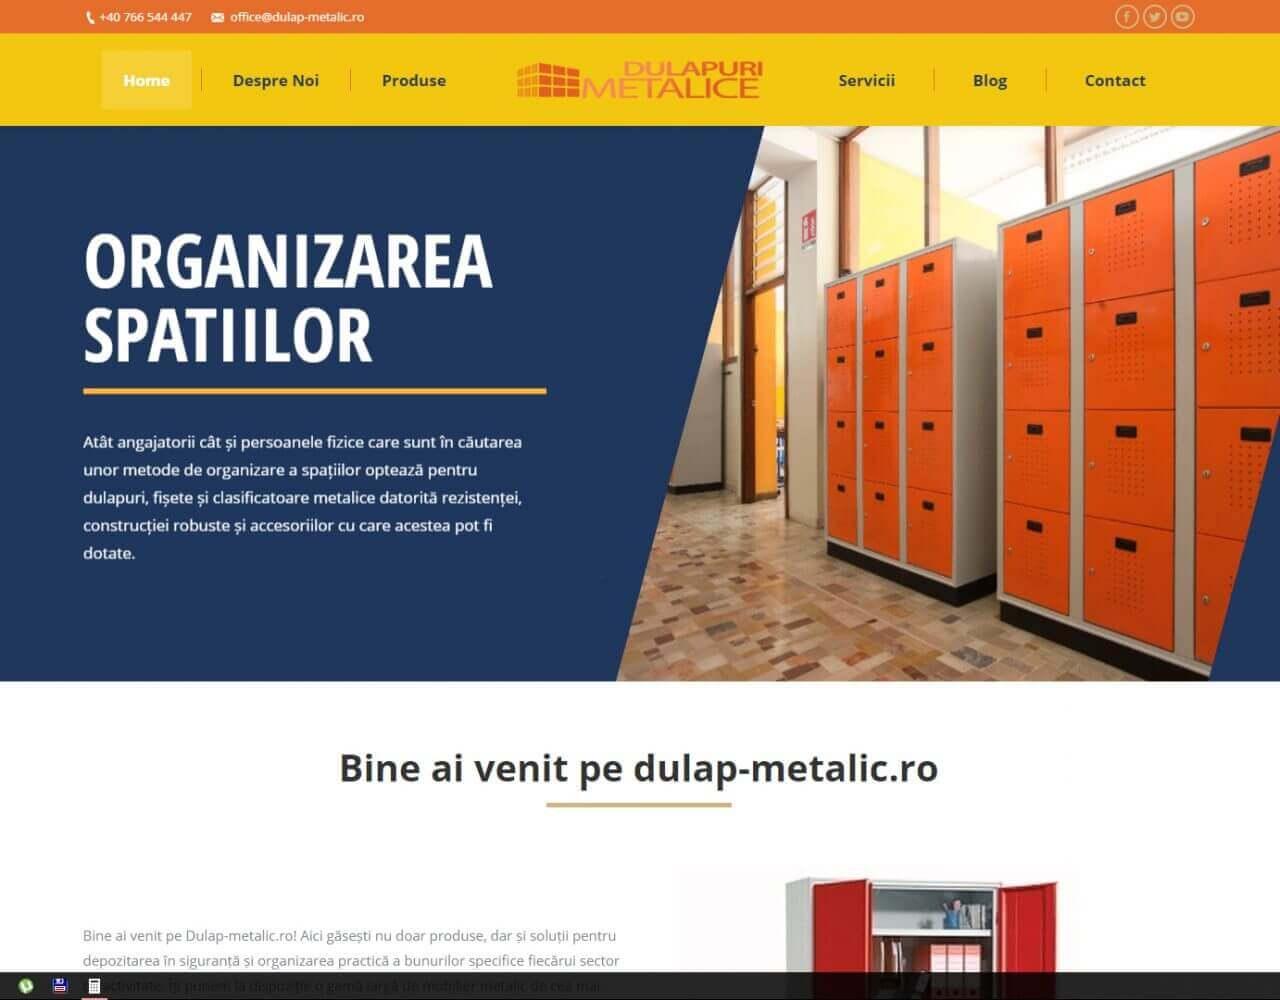 agentie web design timisoara dulap metalic